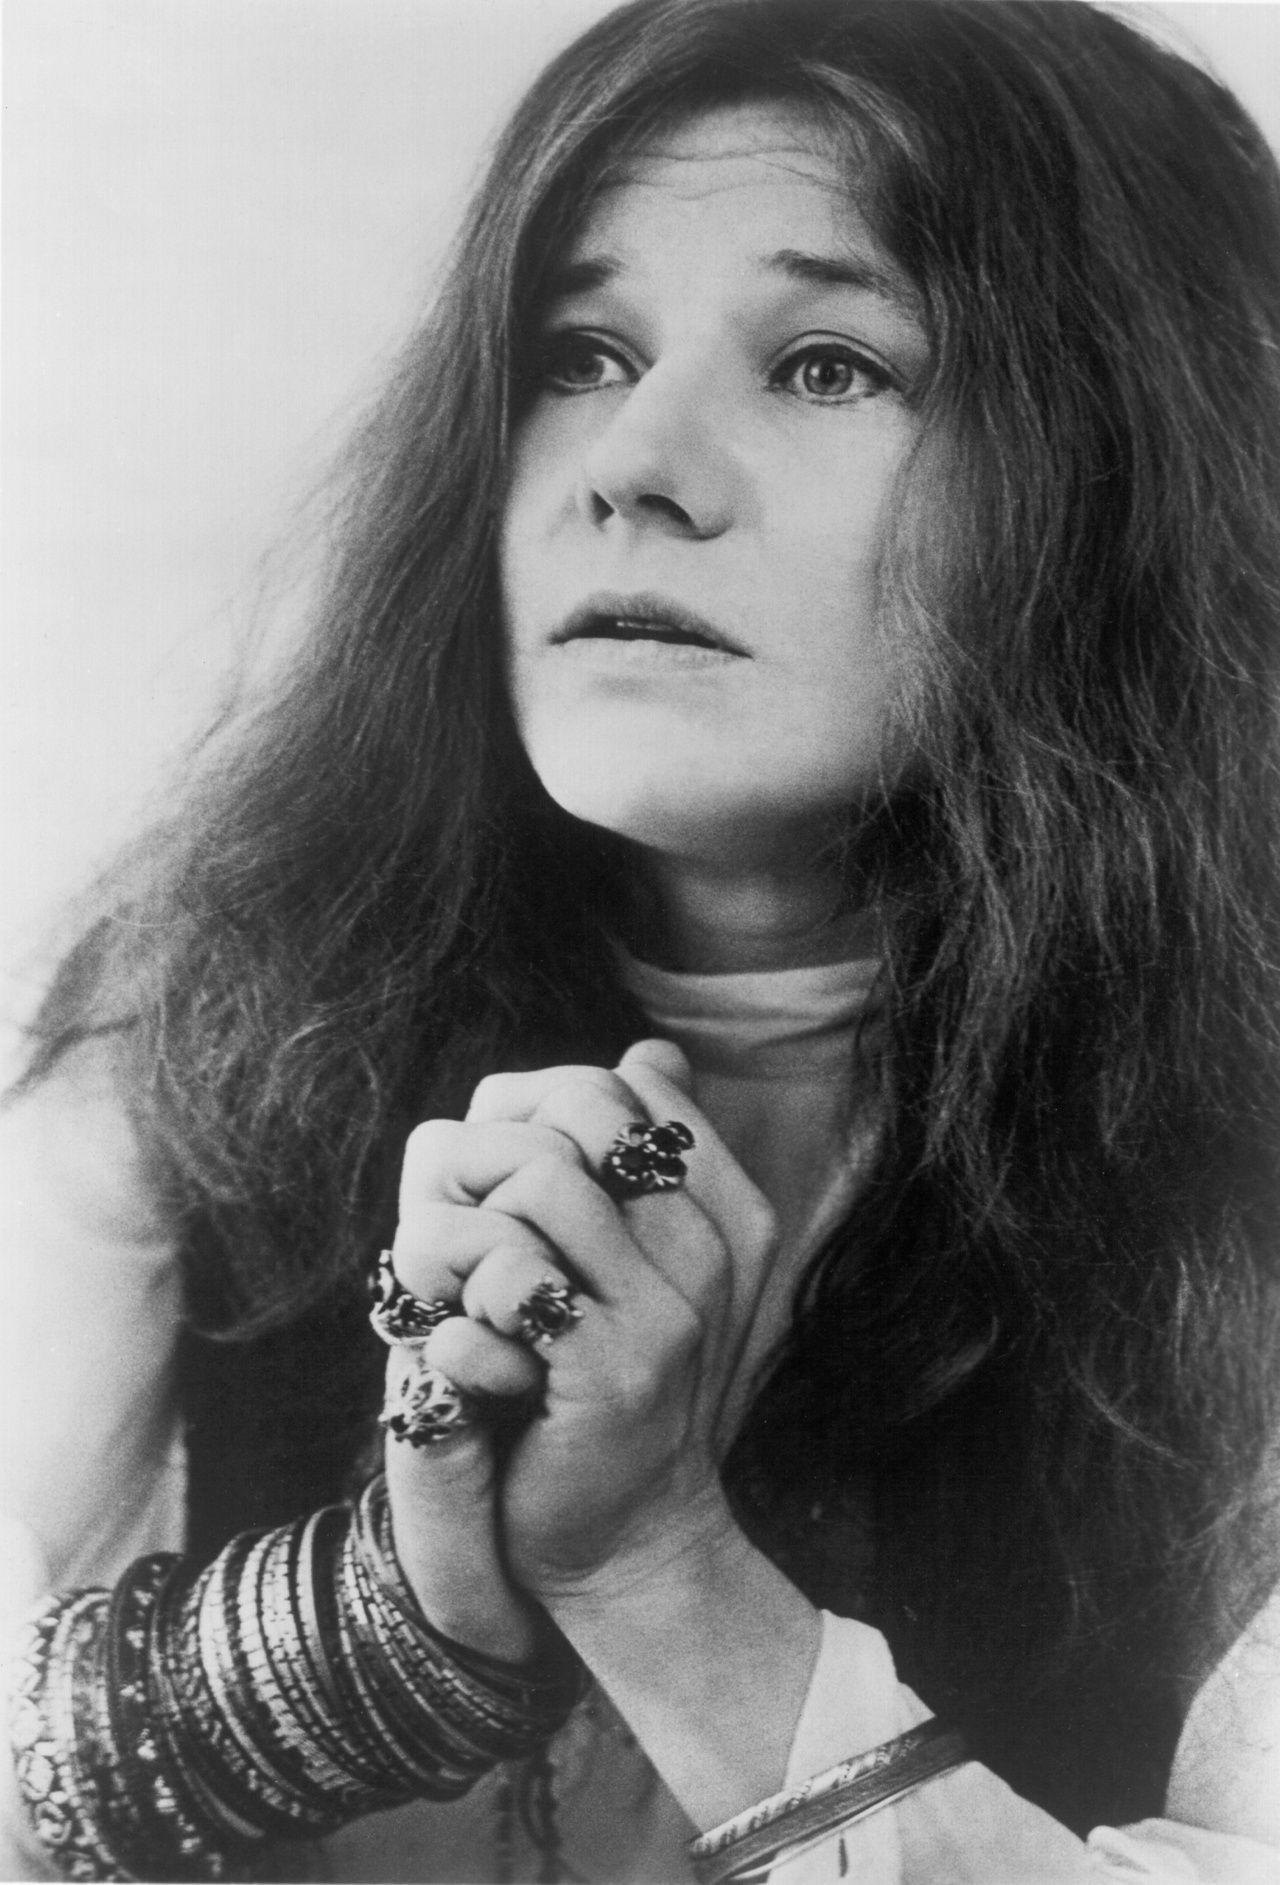 Janis Joplin. She is so beautiful